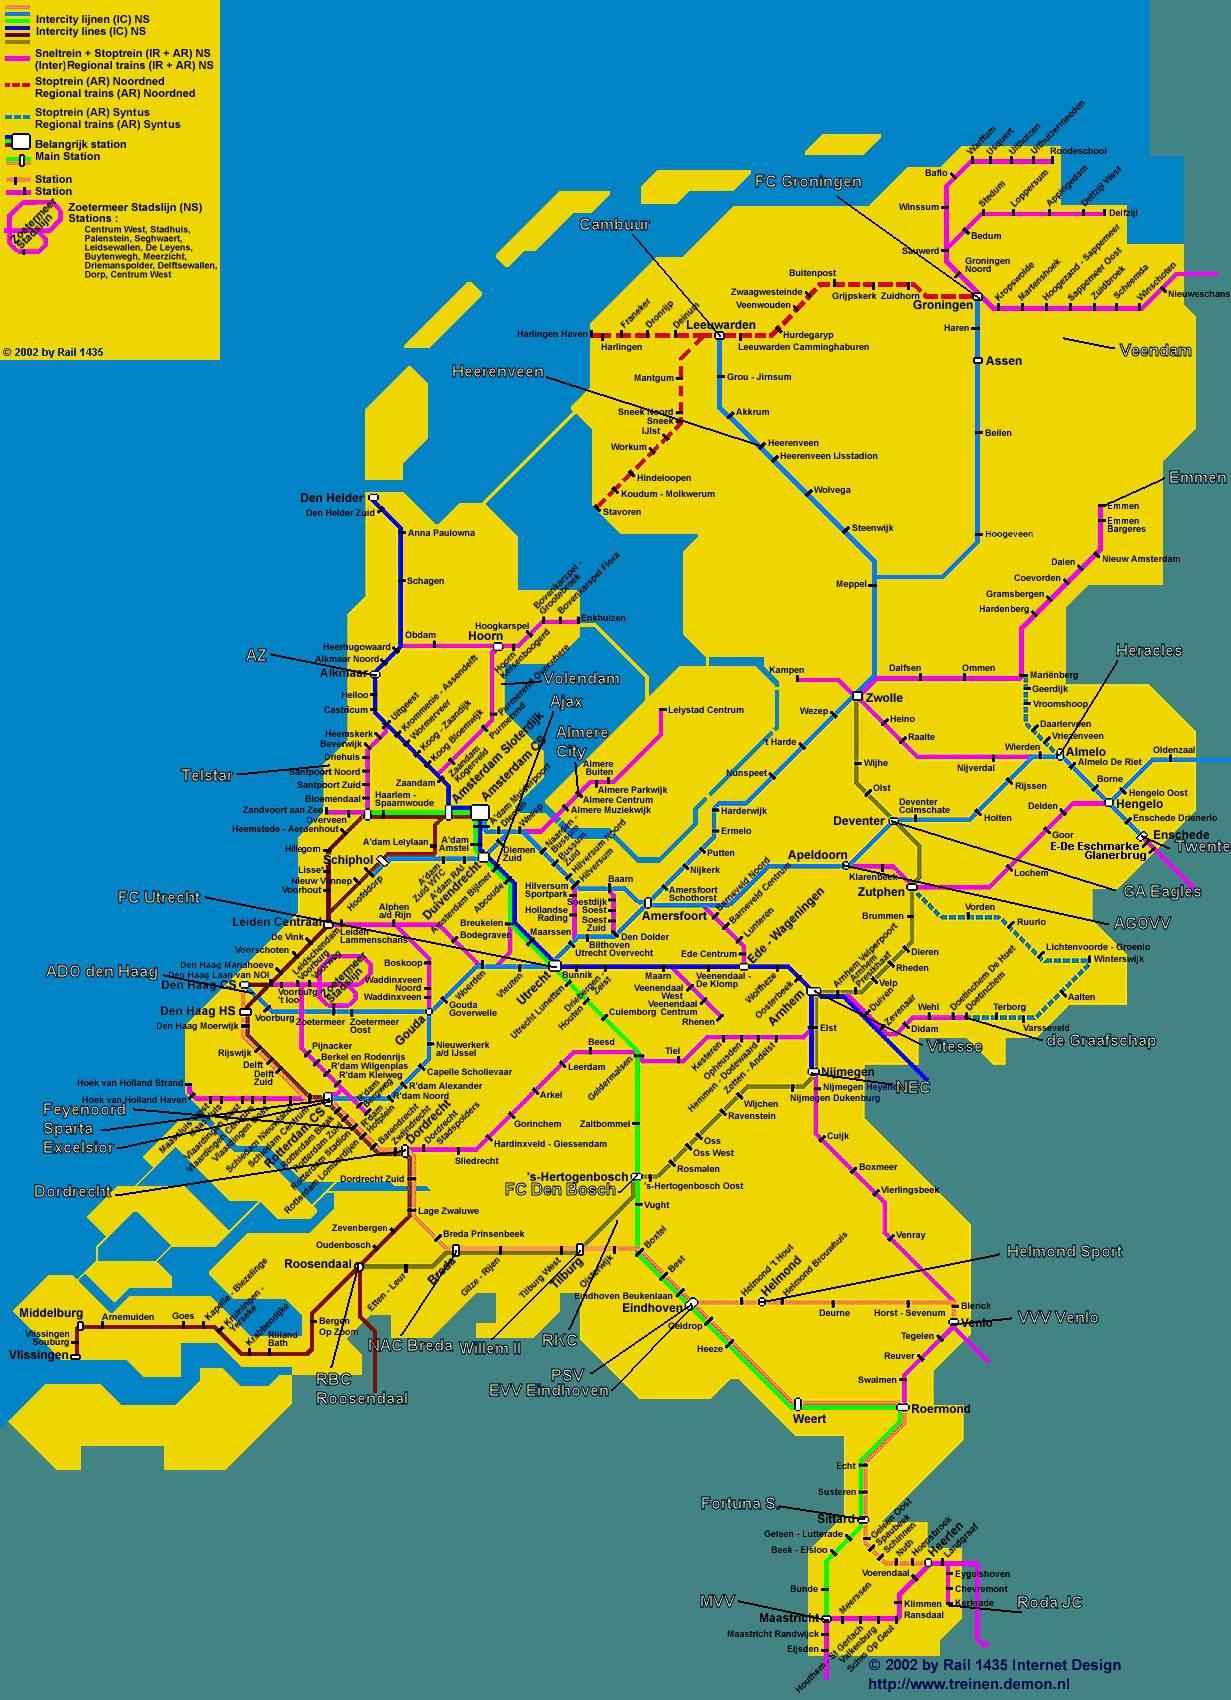 Carte réseau ferroviaire des Pays-Bas